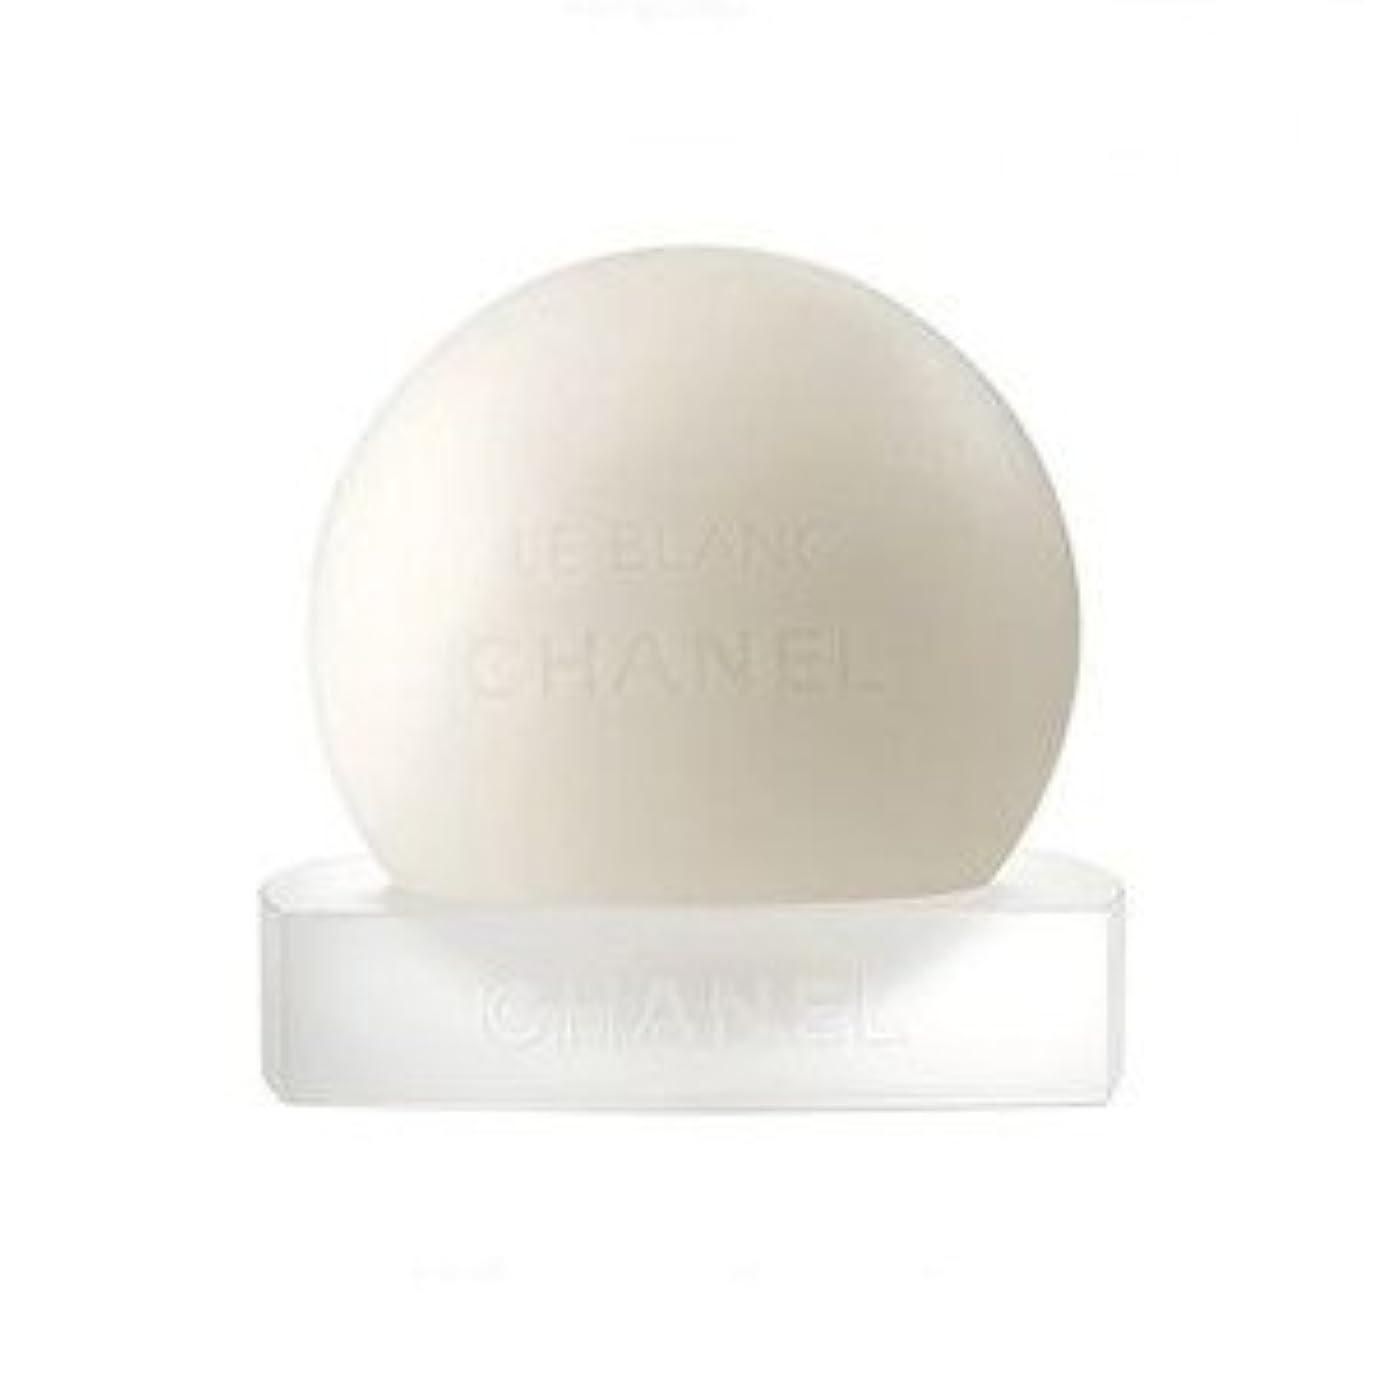 排除する戸惑うコンバーチブルシャネル ル ブラン ソープ 100g 洗顔石けん 限定品 アウトレット